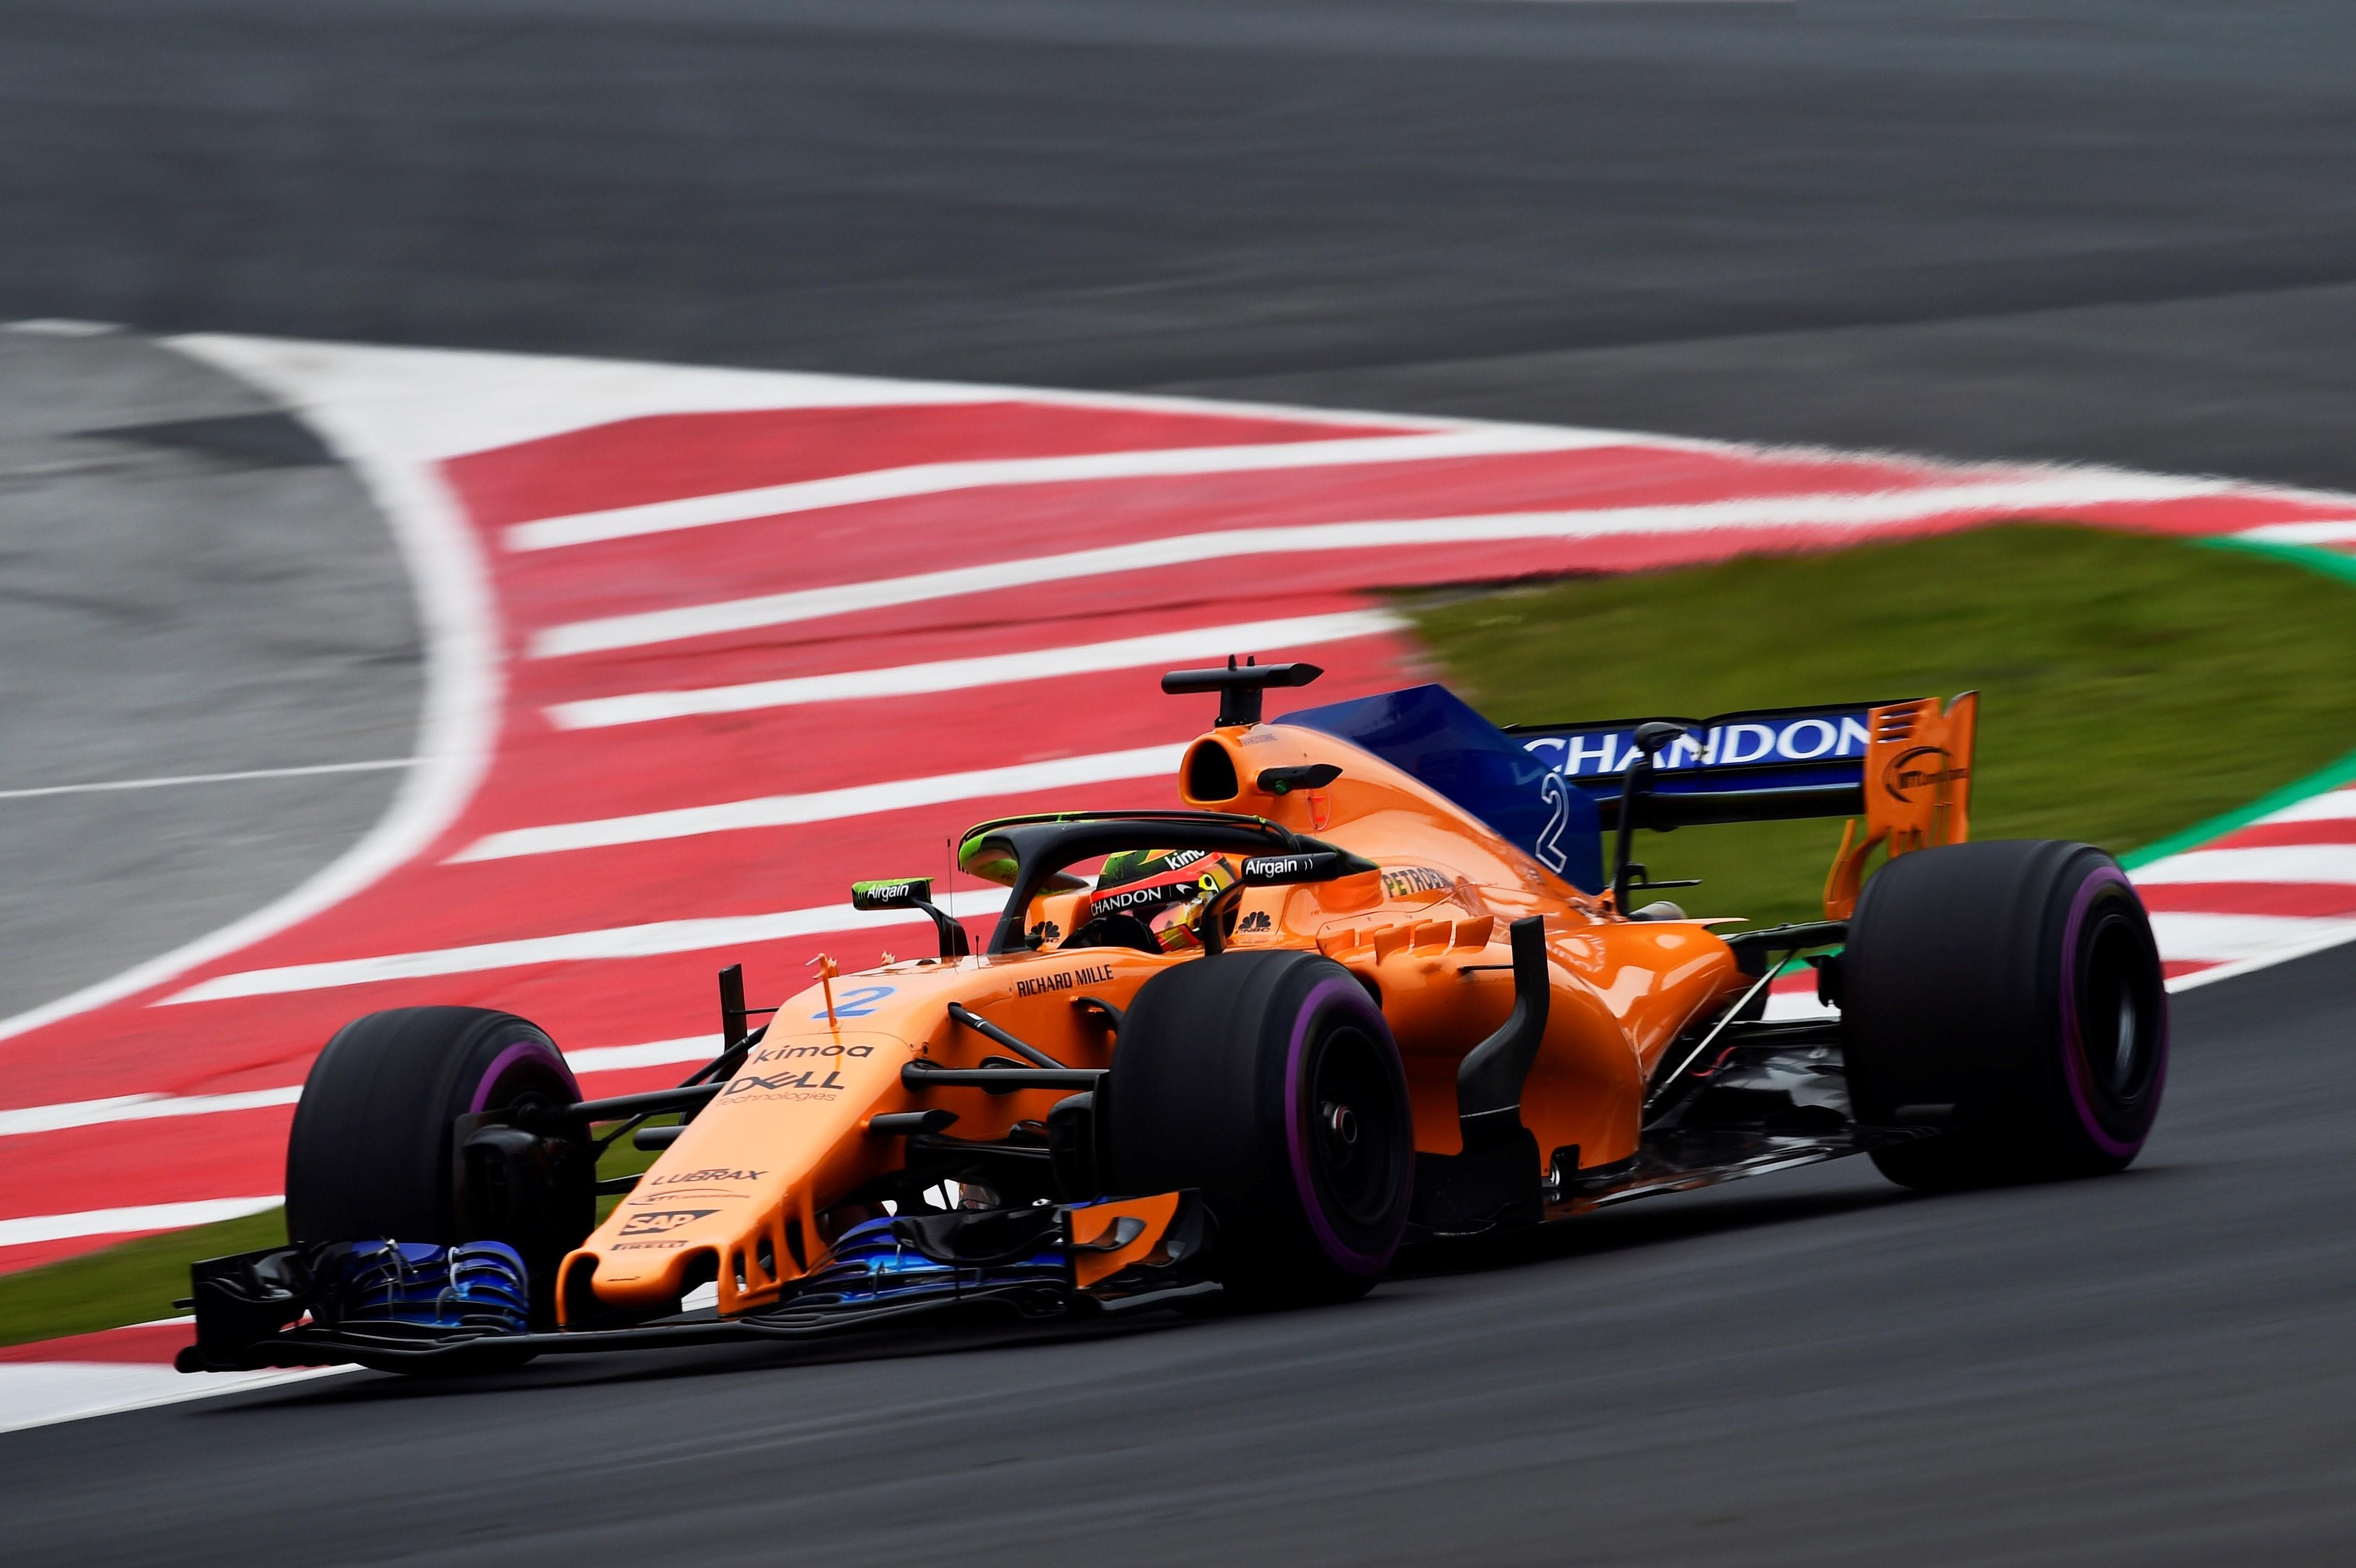 2018 Belgian Grand Prix